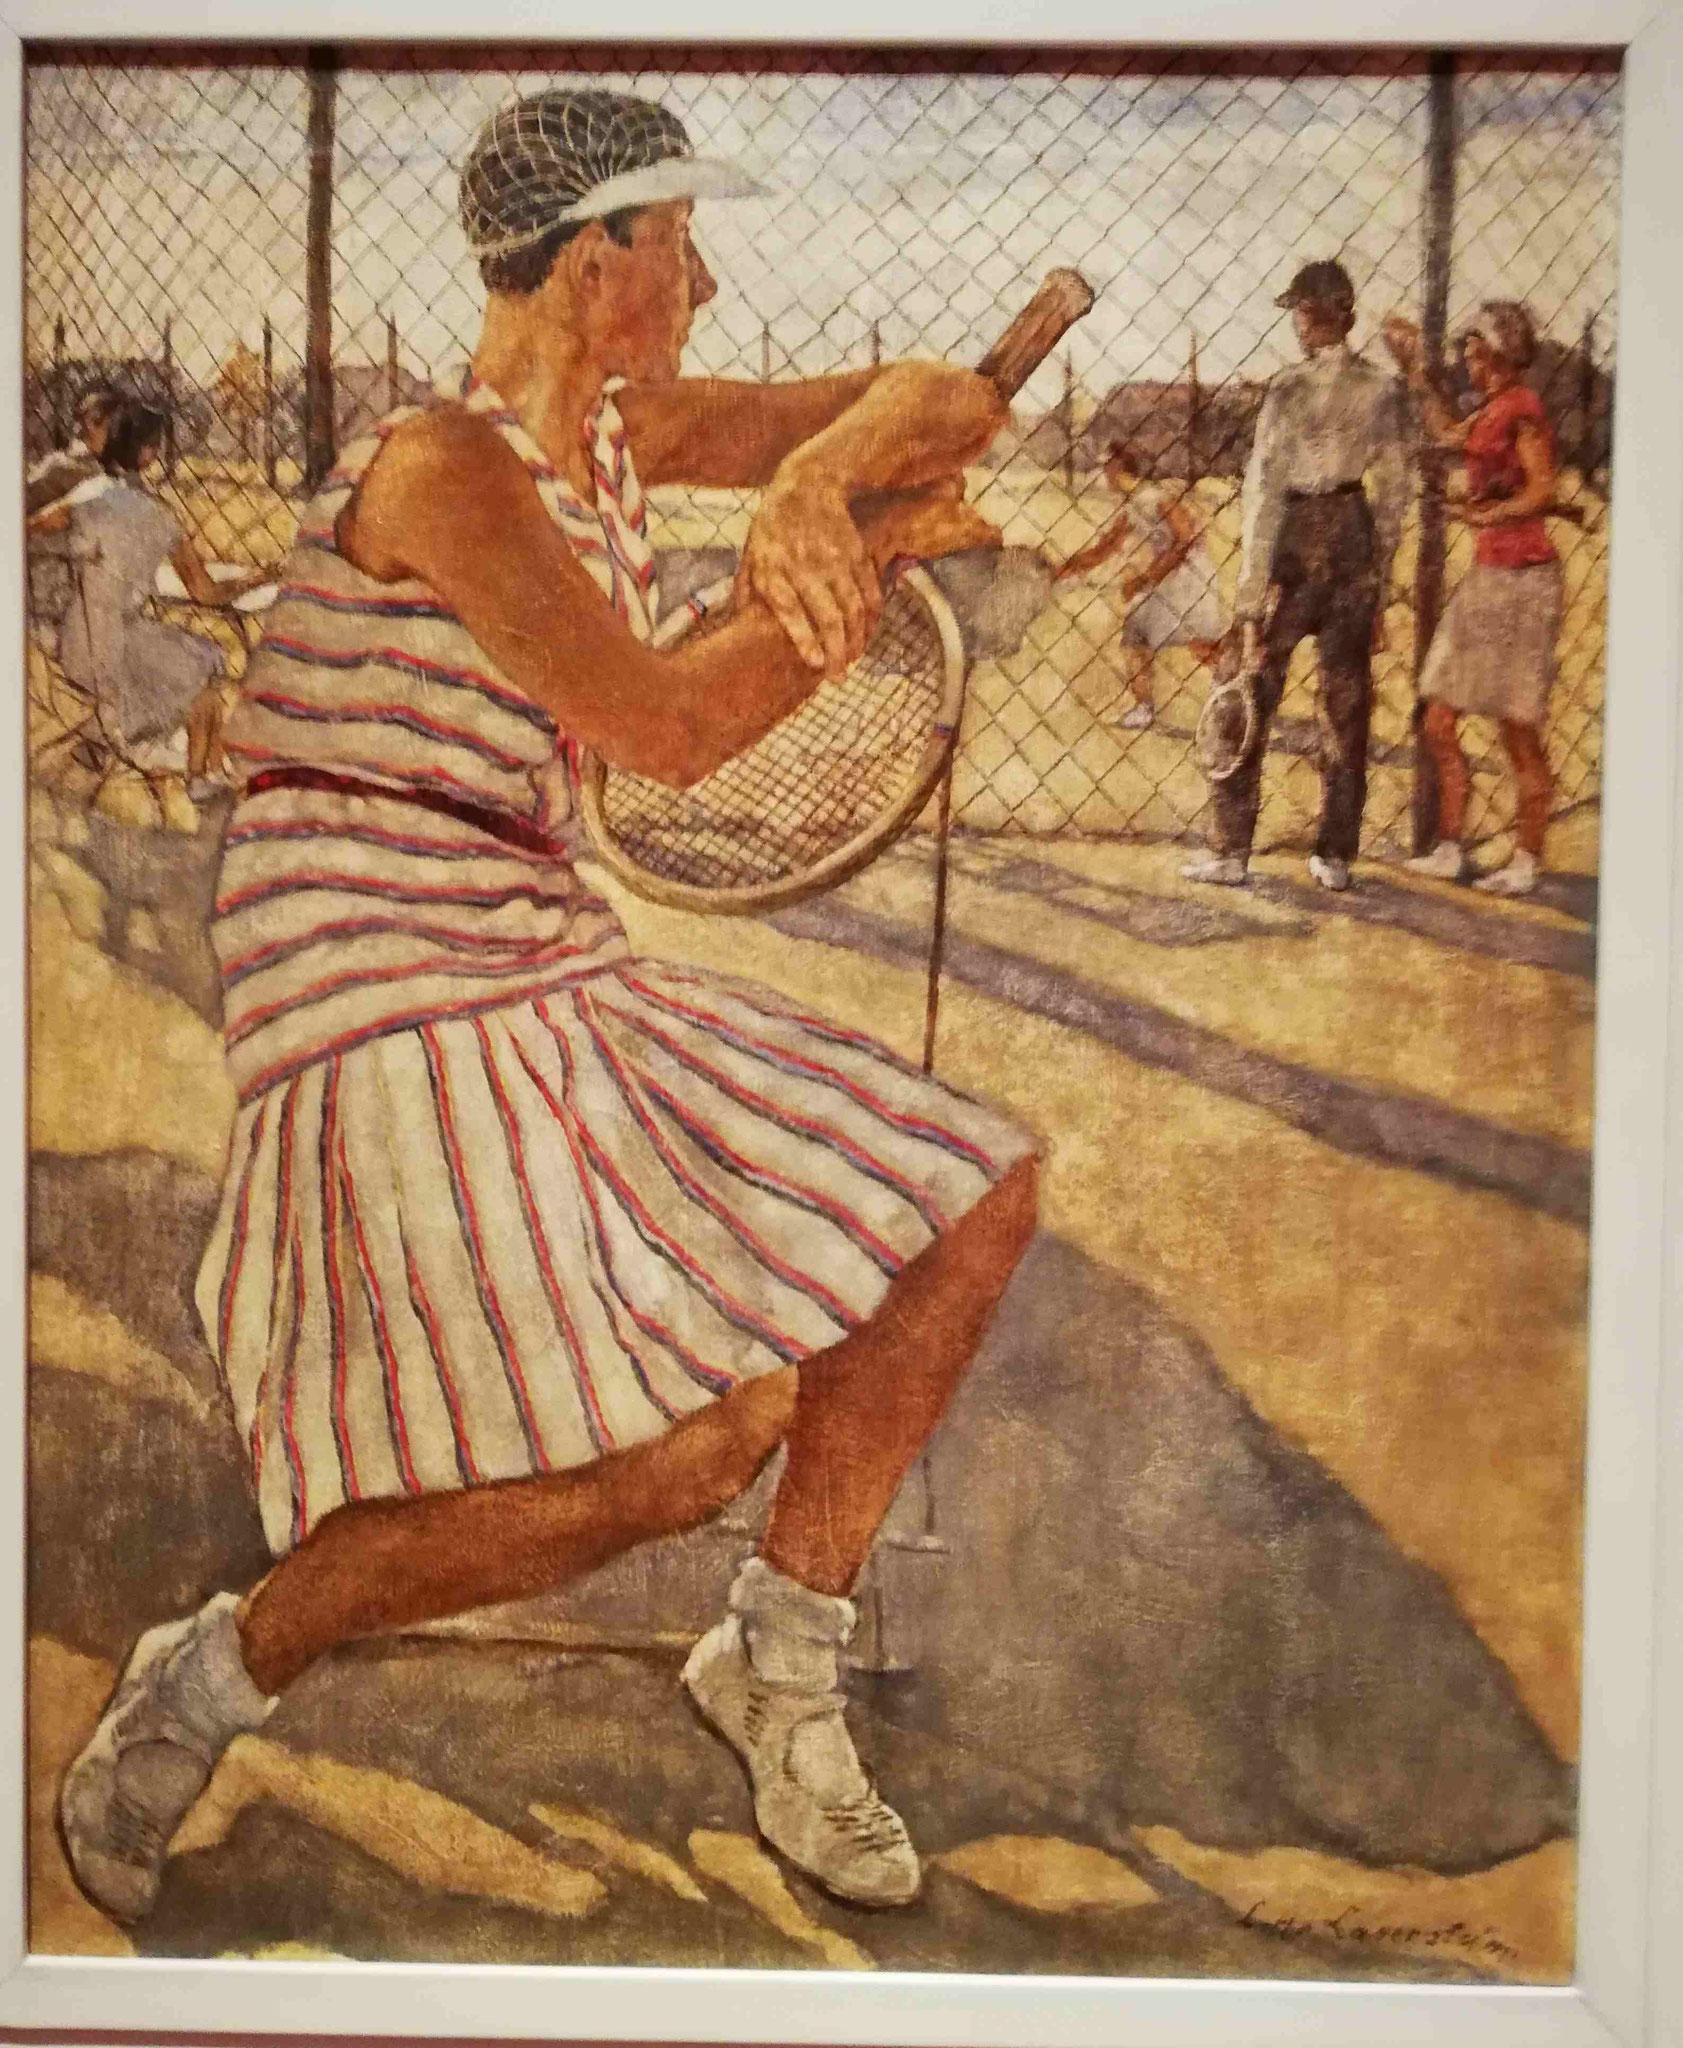 Lotte Laserstein, Tennisspielerin, 1929